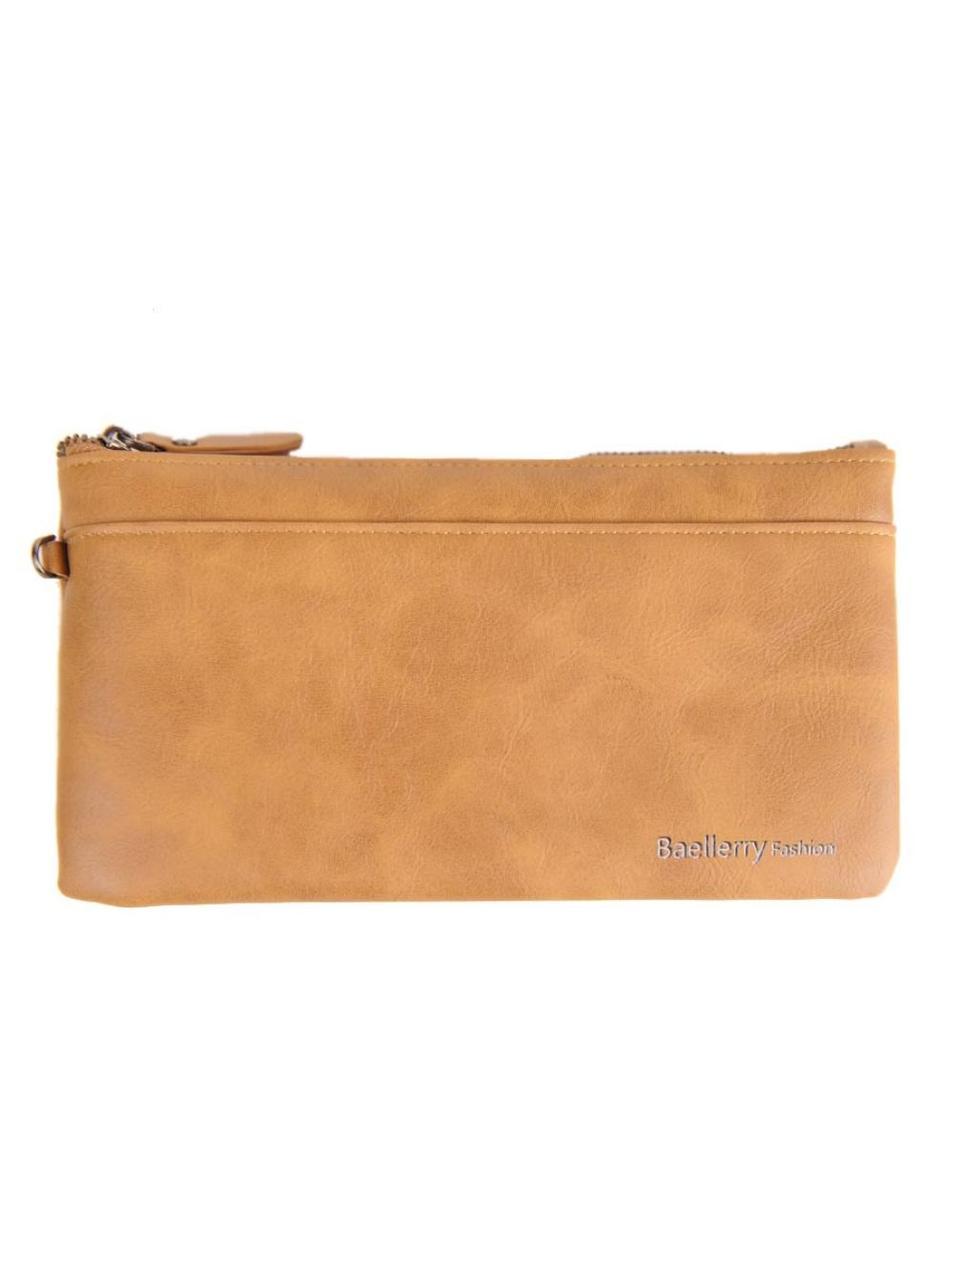 Клатч женский Baellerry Fashion 3003-0350 Brown